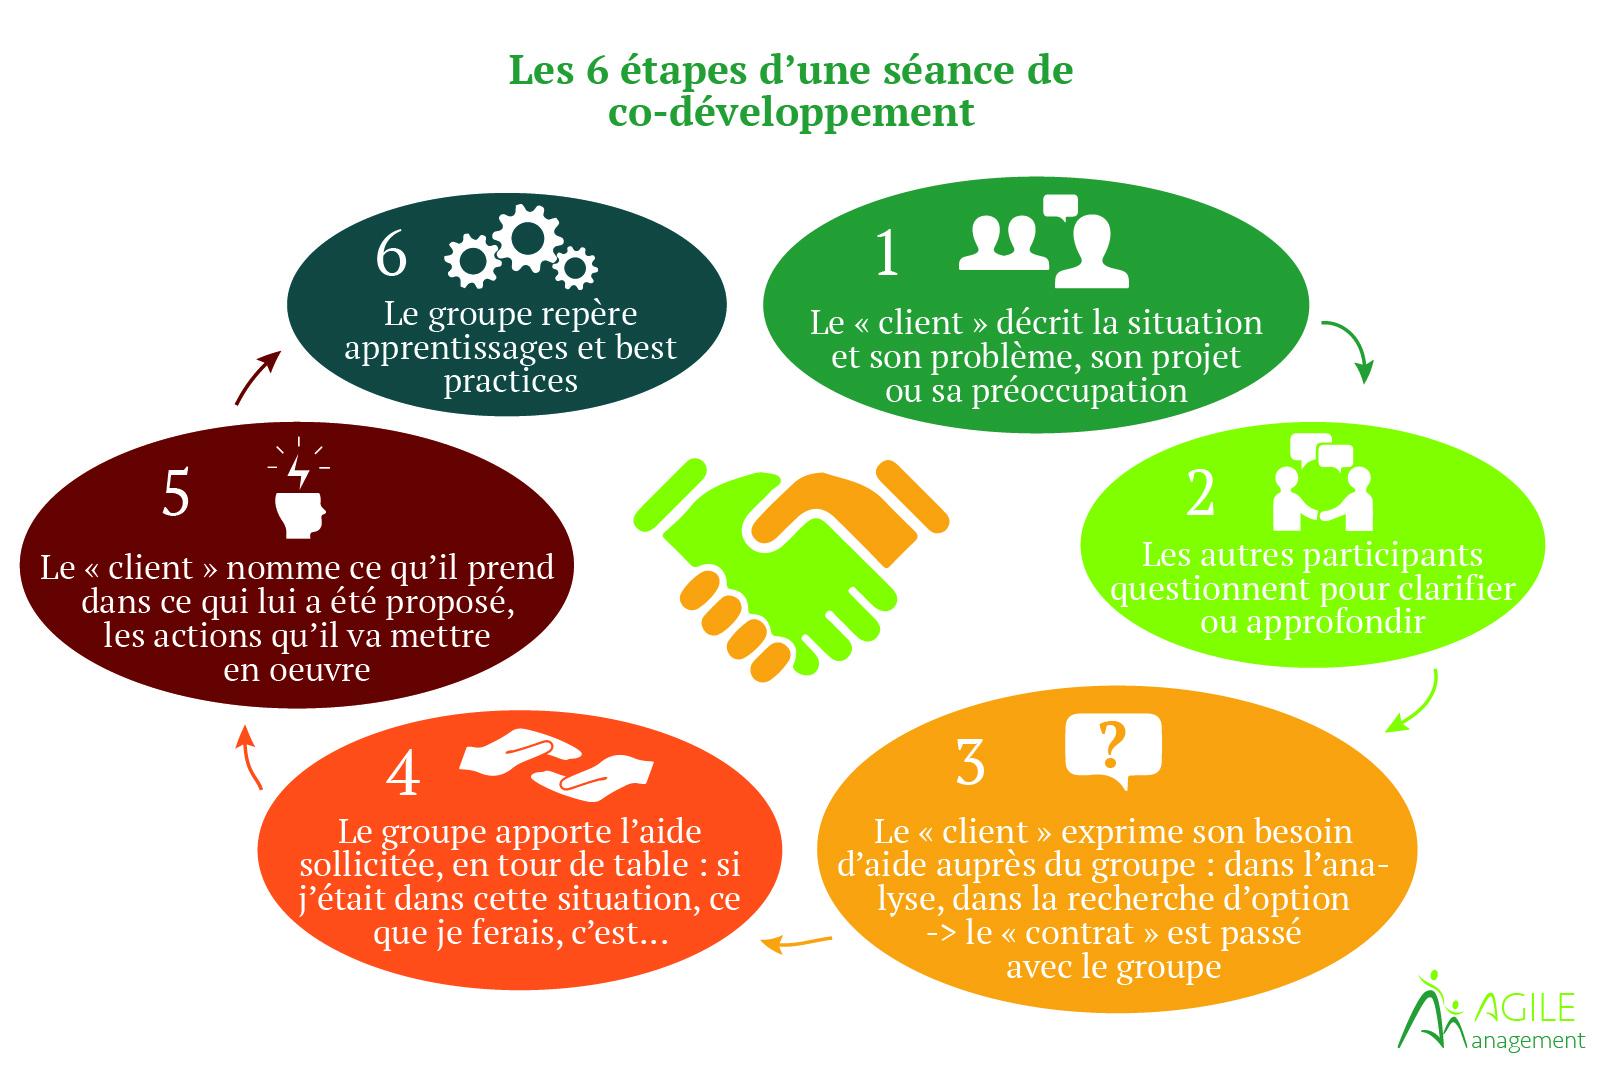 Les 6 etapes d une sceance de co-developpement